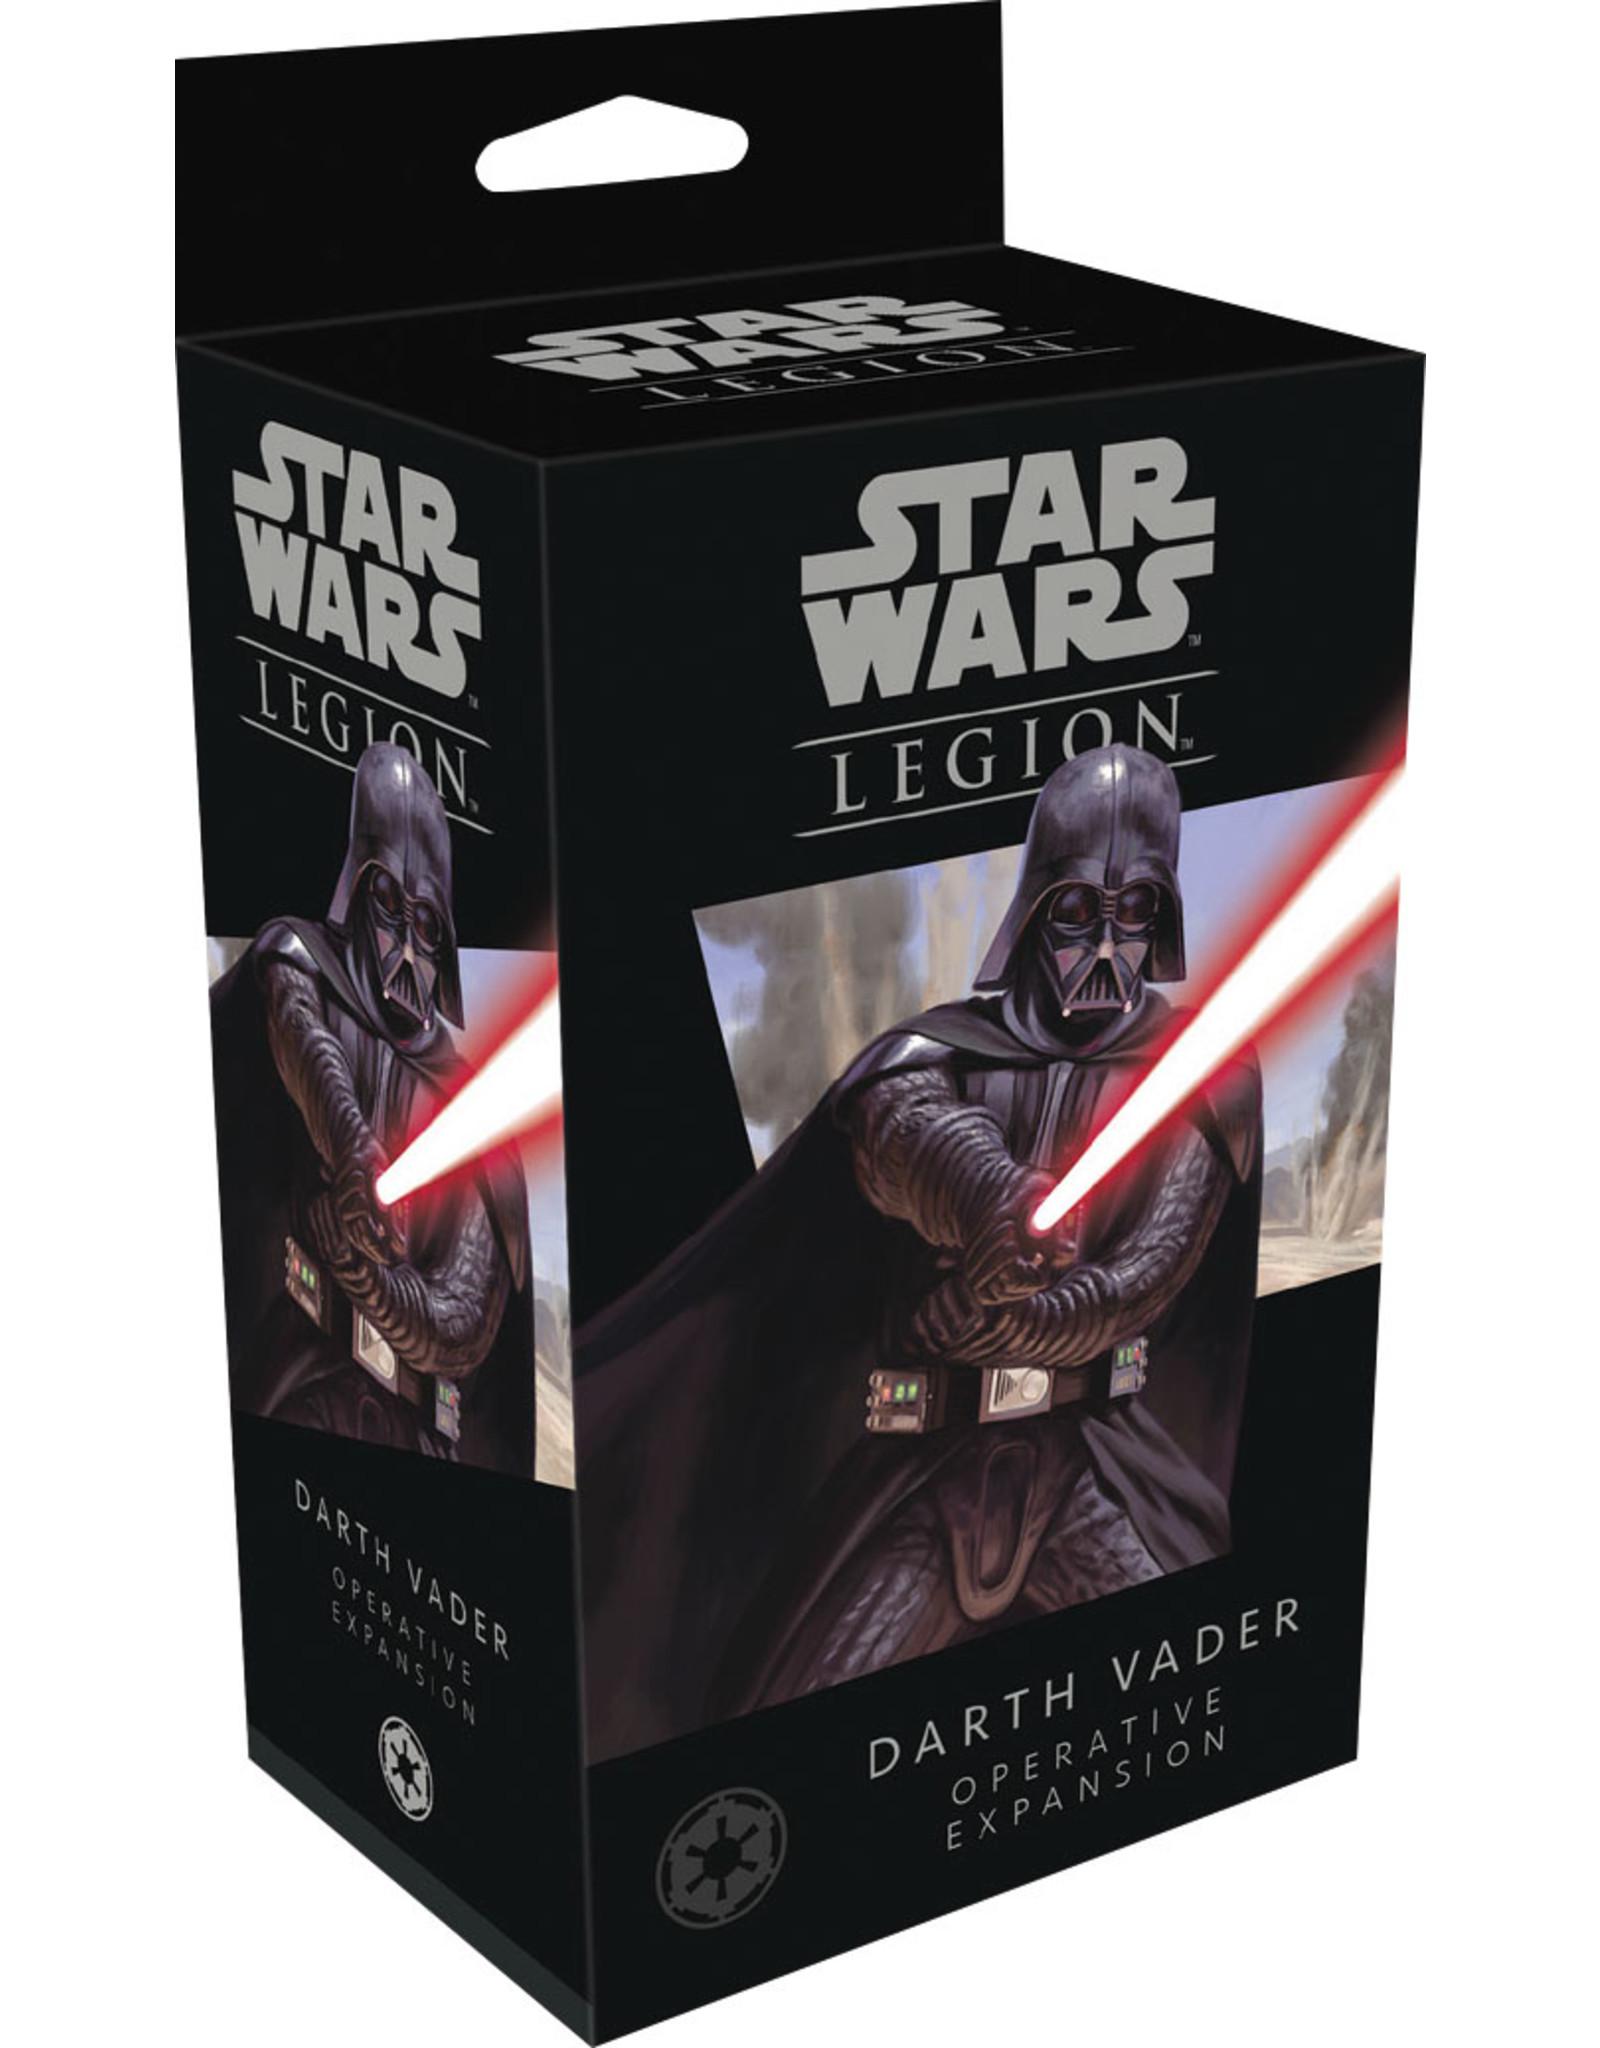 Fantasy Flight Games Star Wars: Legion - Darth Vader Operative Expansion